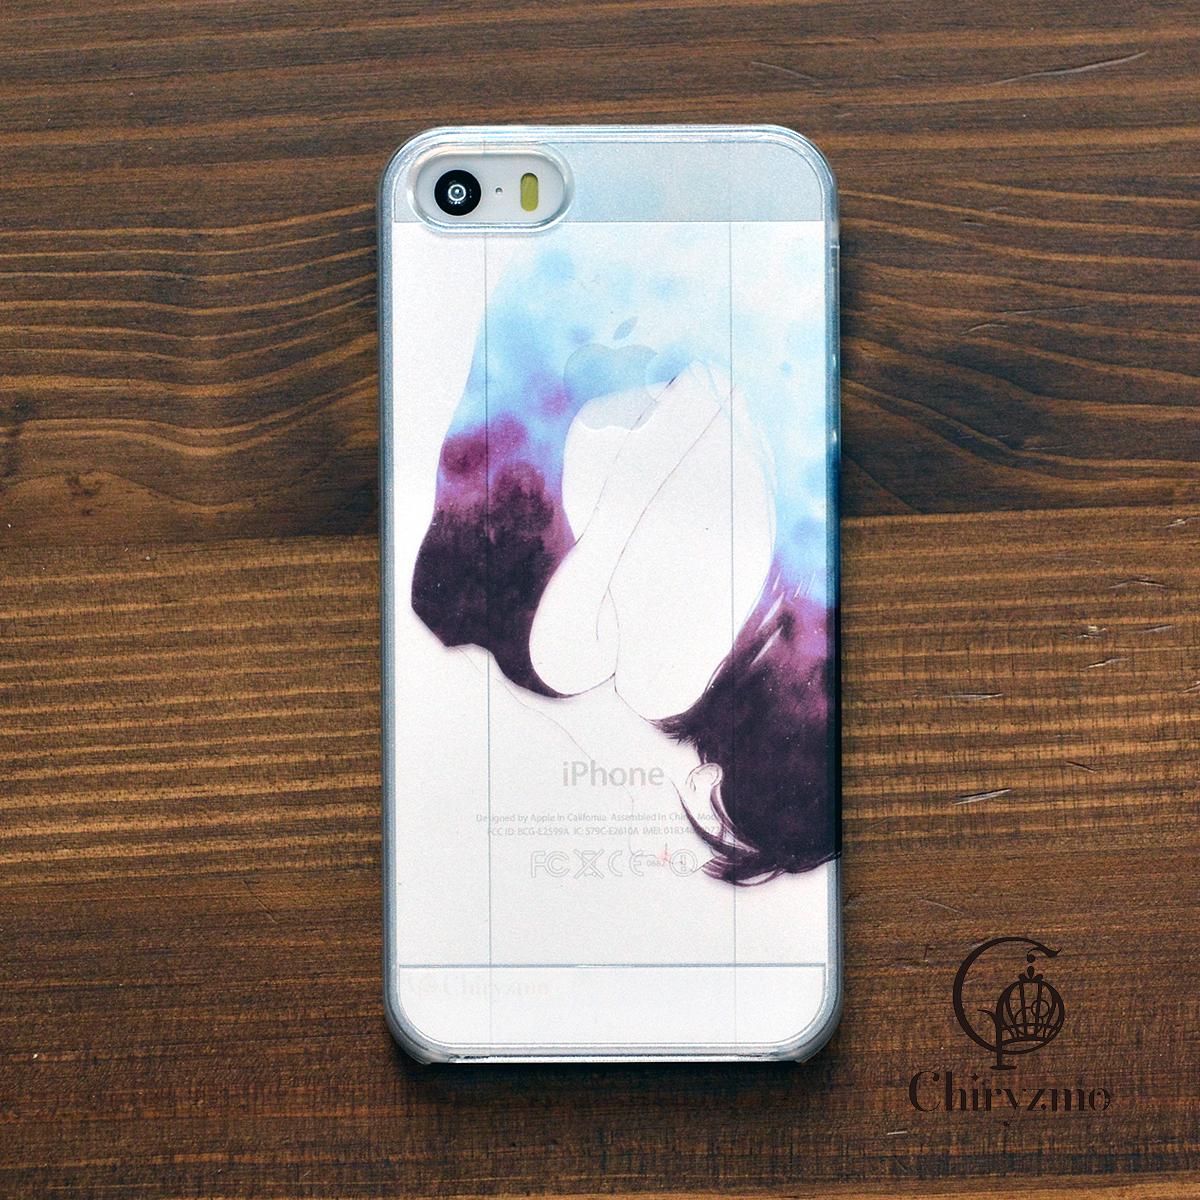 【BASE限定】アイフォンse ケース クリア iPhoneSE クリアケース キラキラ かわいい 孵化/Chiryzmo